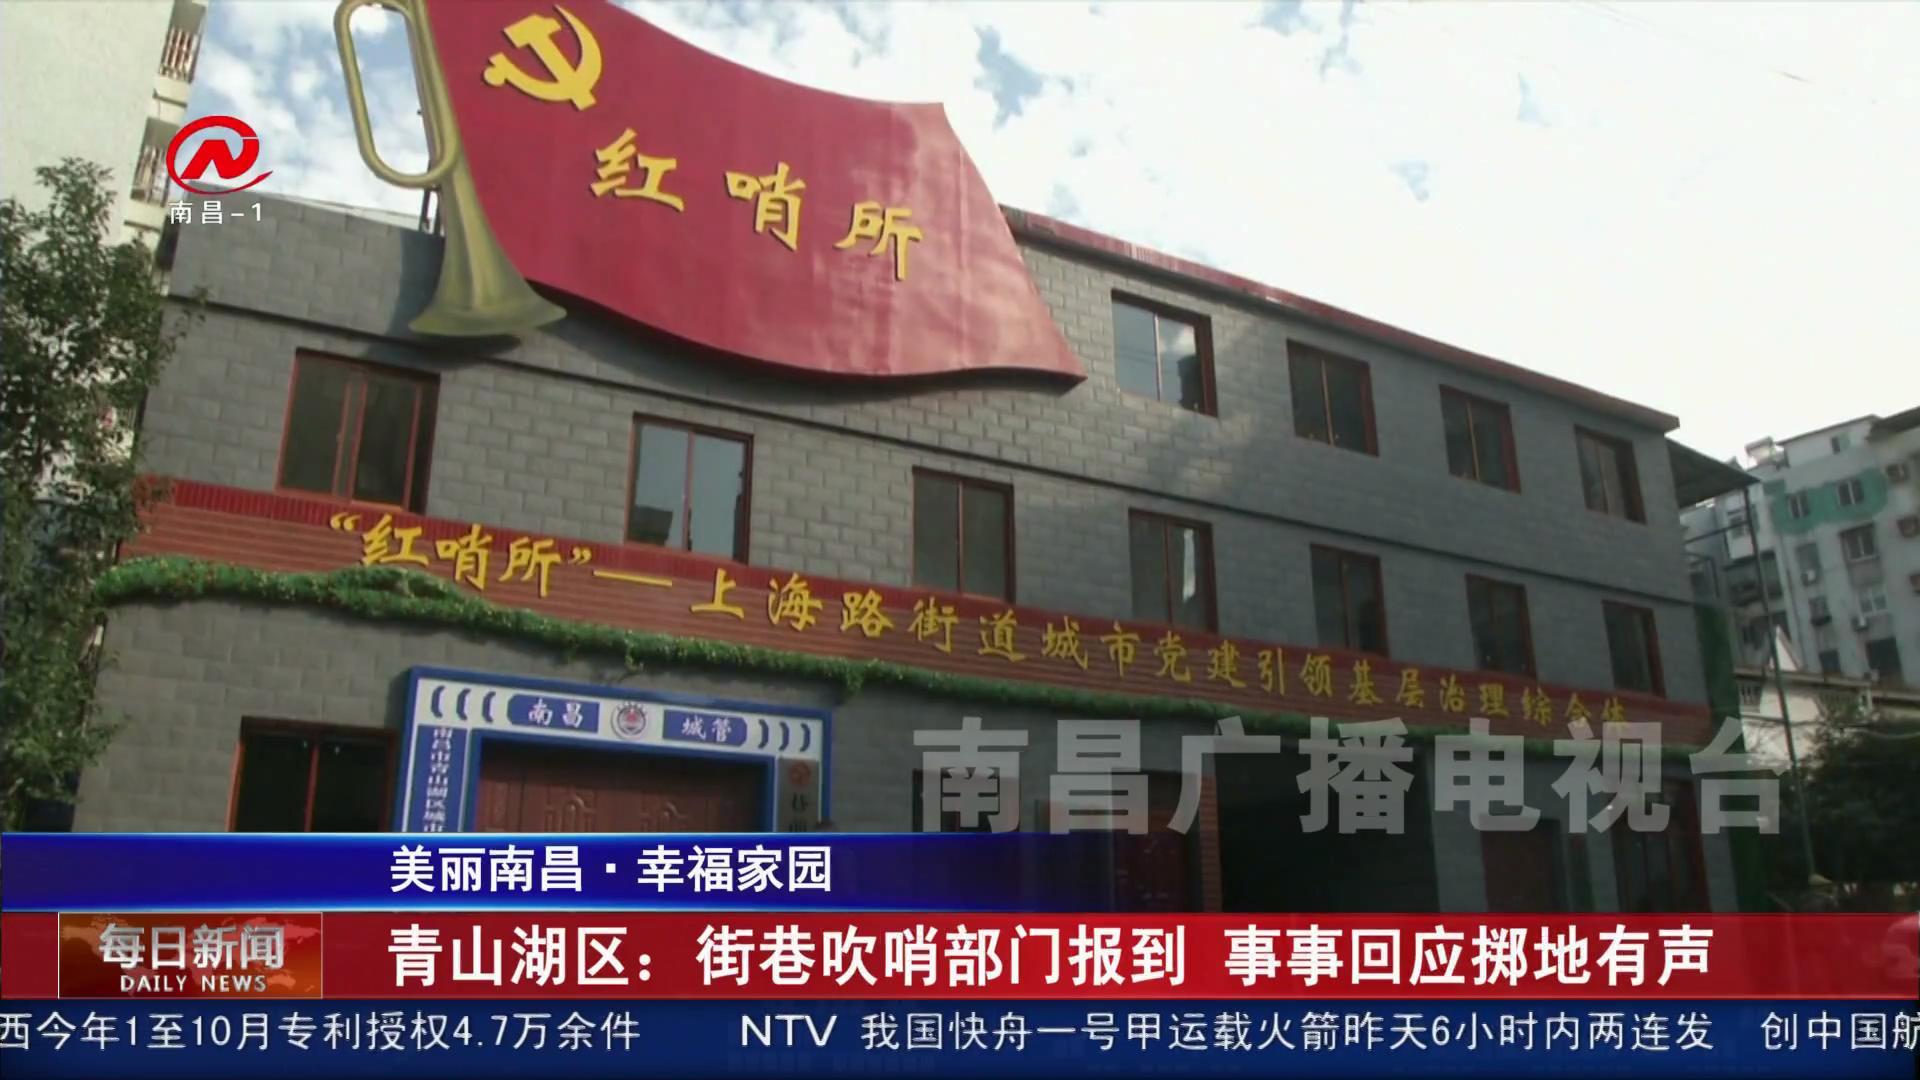 青山湖区:街巷吹哨部门报到   事事回应掷地有声